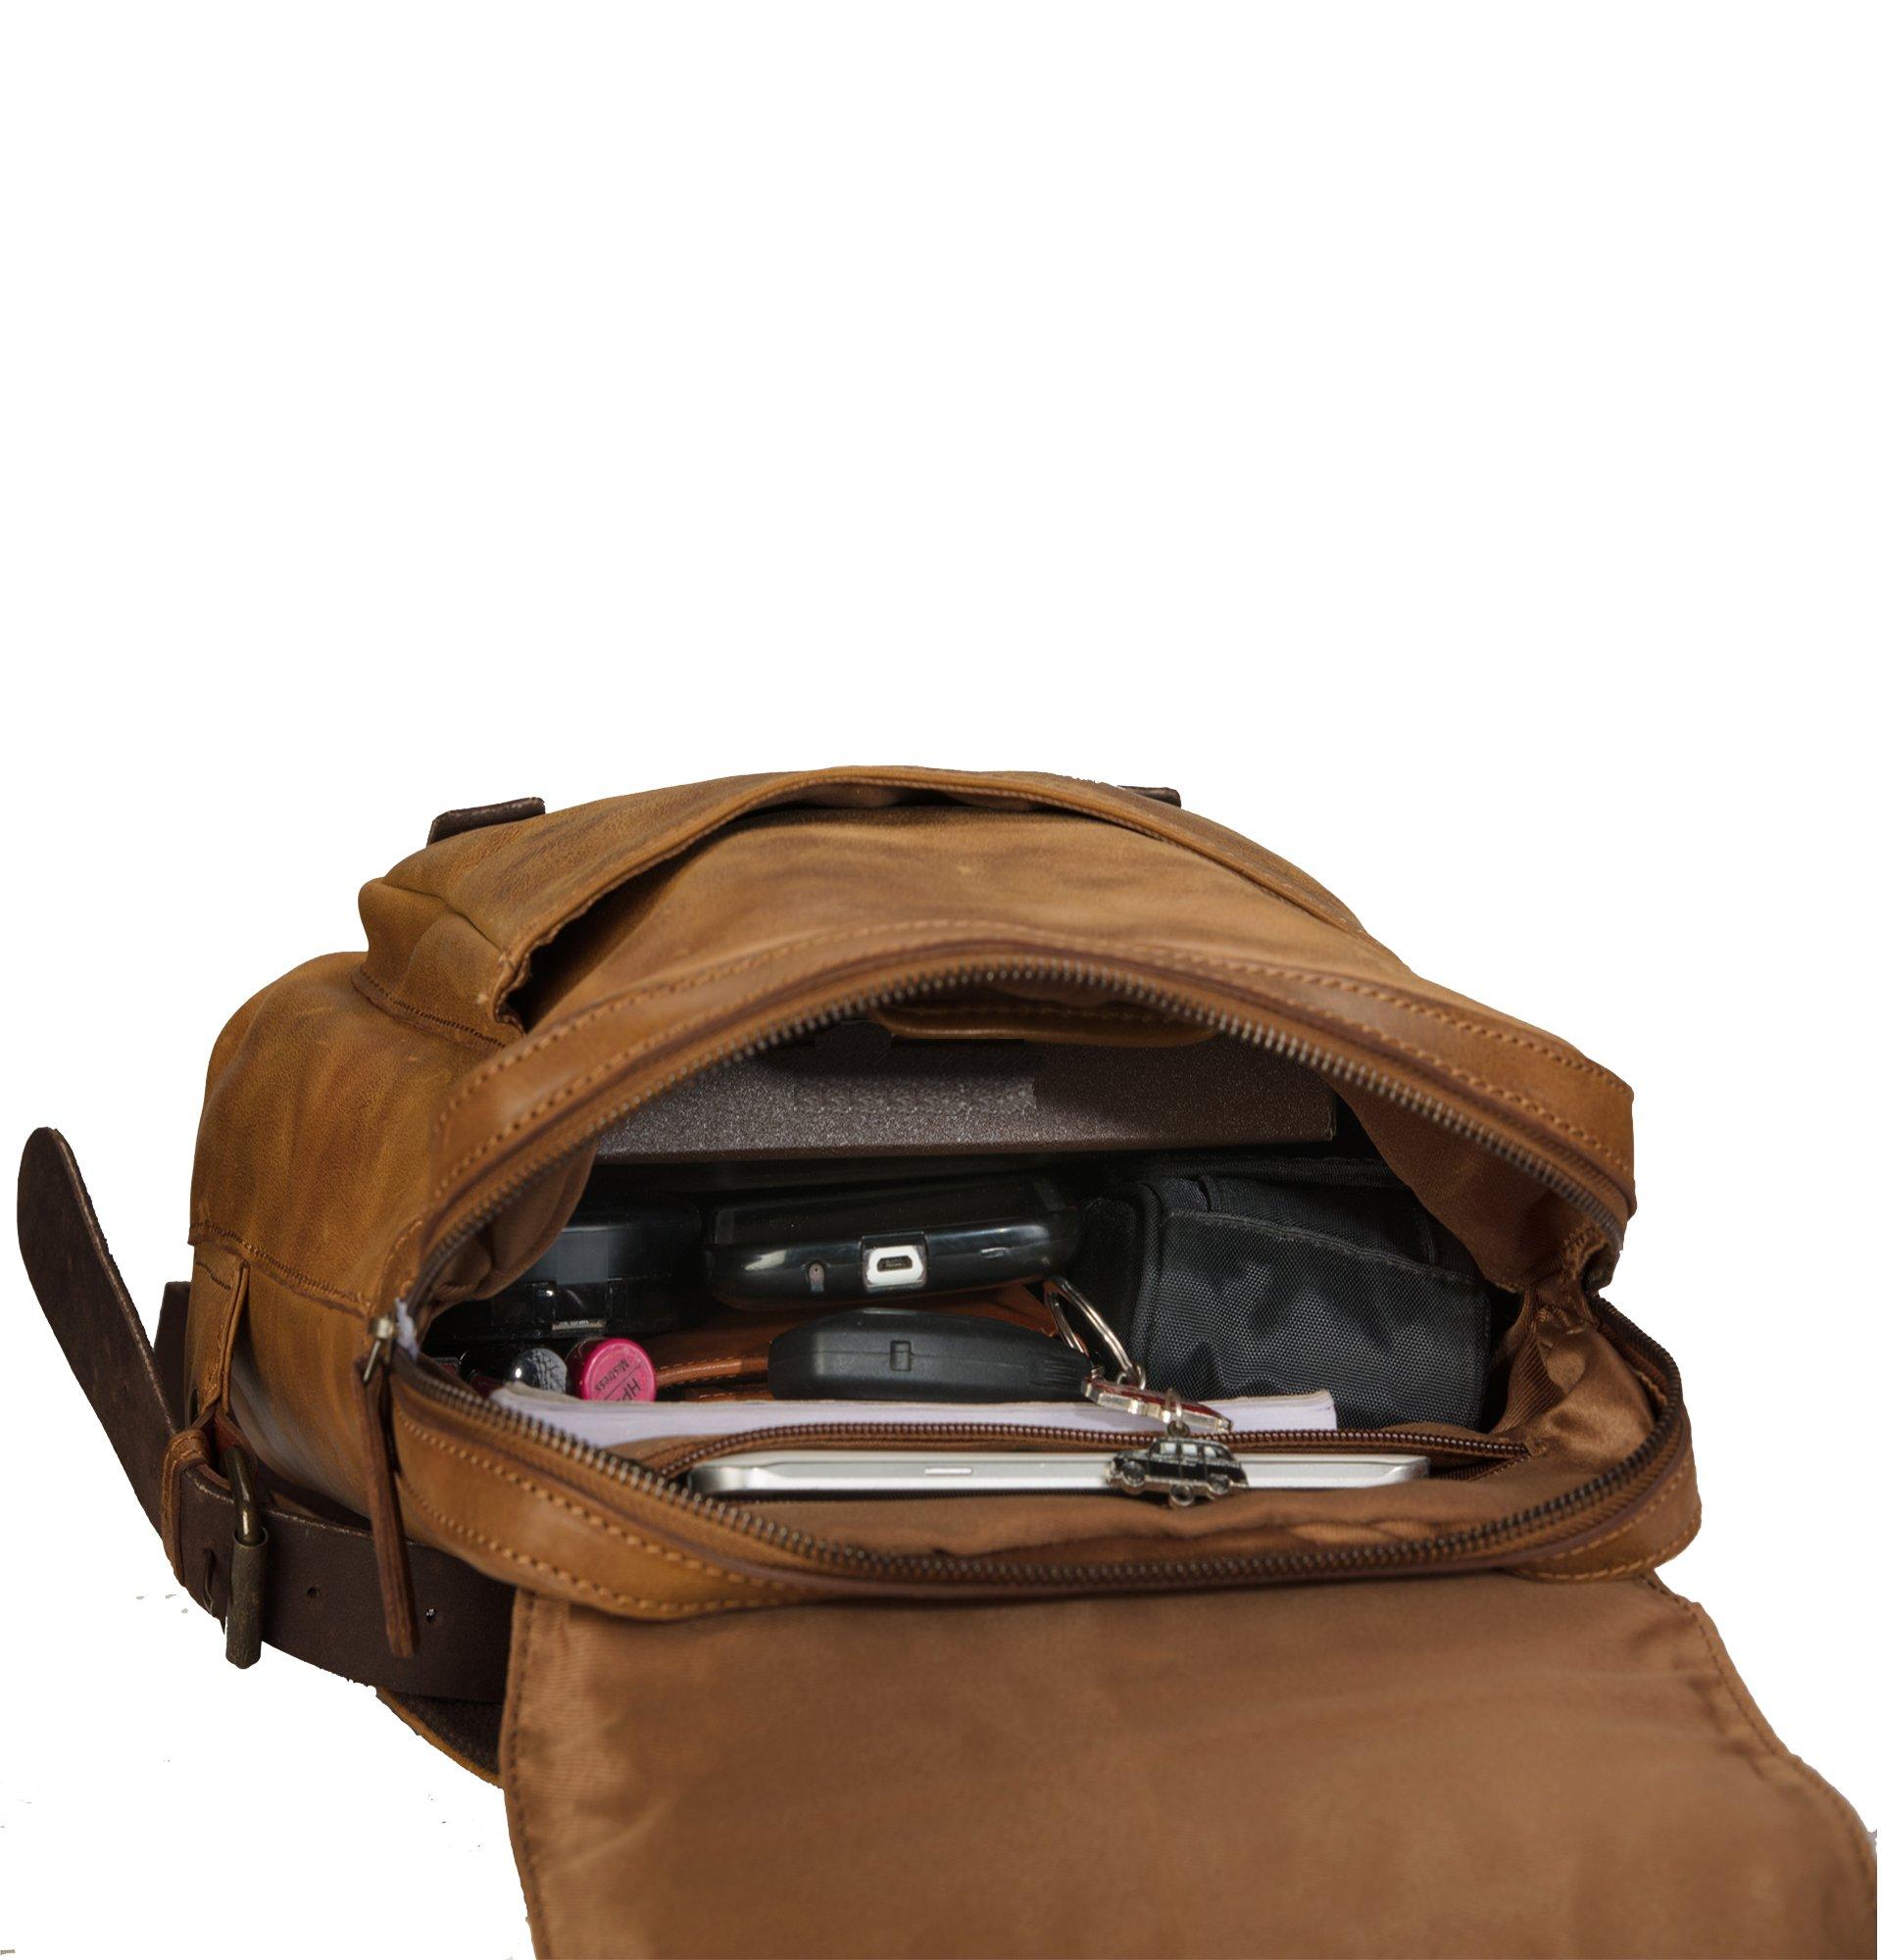 Finelaer Vintage Genuine Leather Backpack DayPack Travel College Bag Brown Men Women by FINELAER (Image #8)